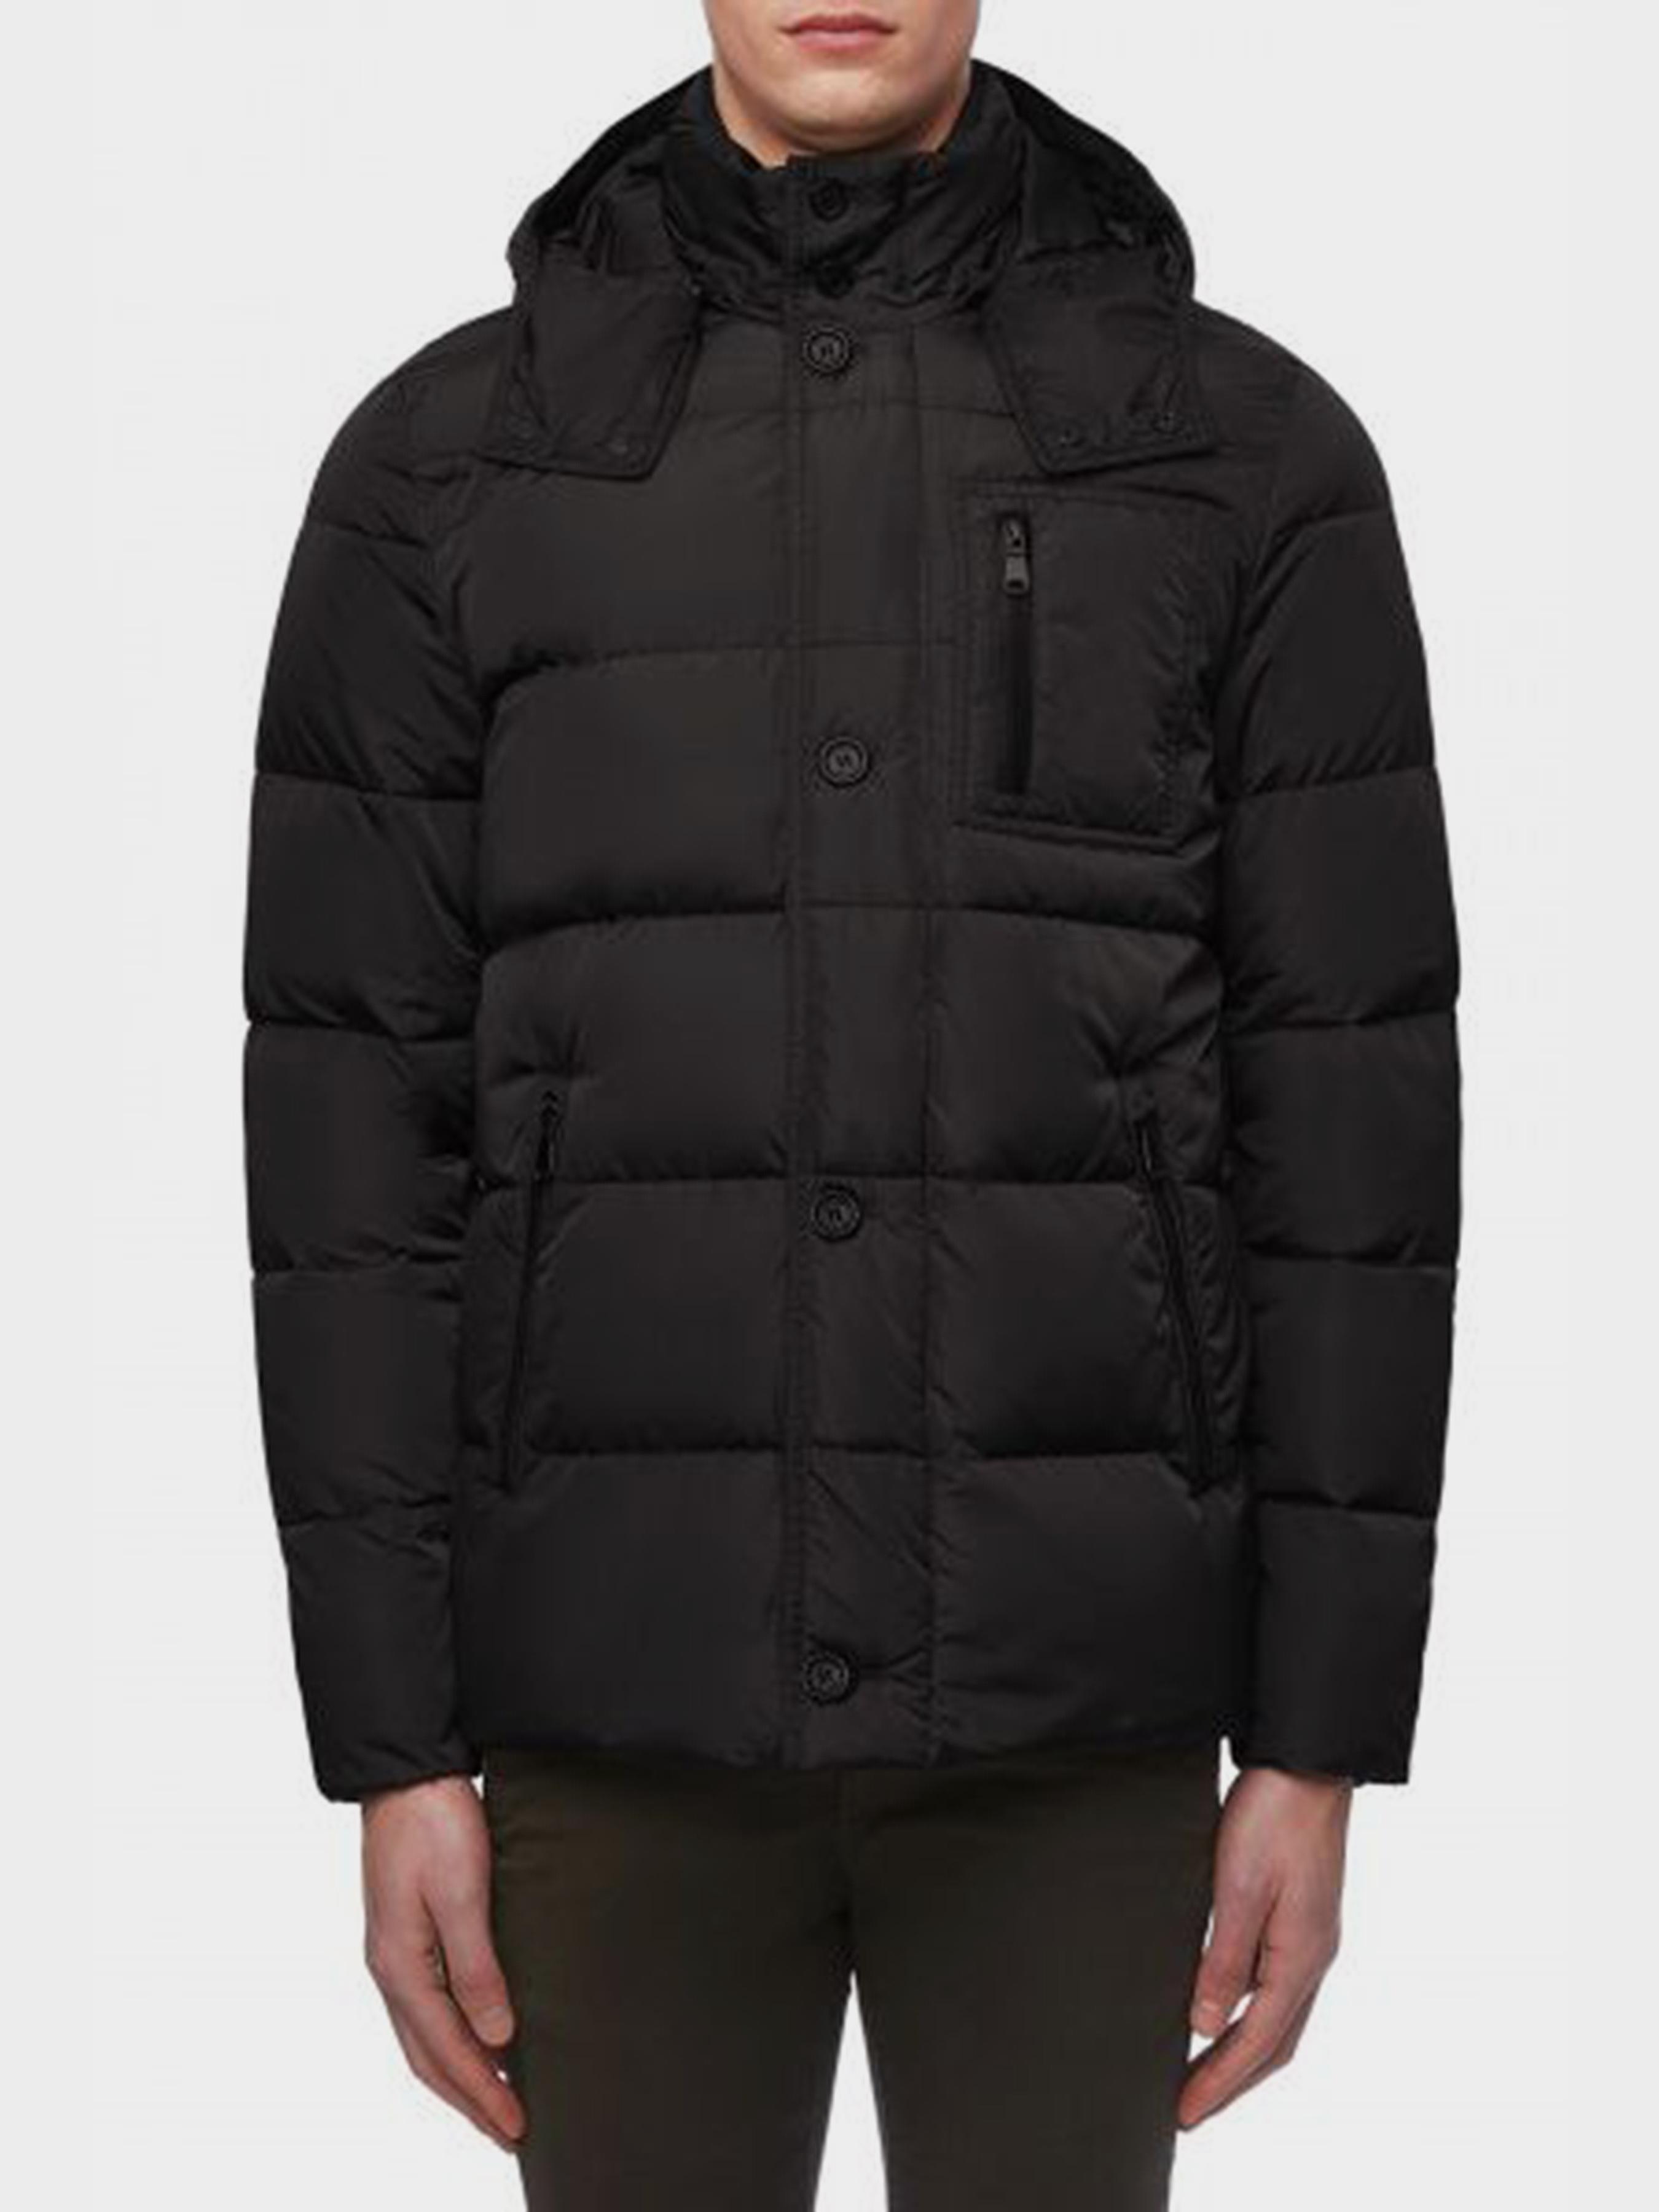 Купить Пальто пуховое мужские модель XA5984, Geox, Серый